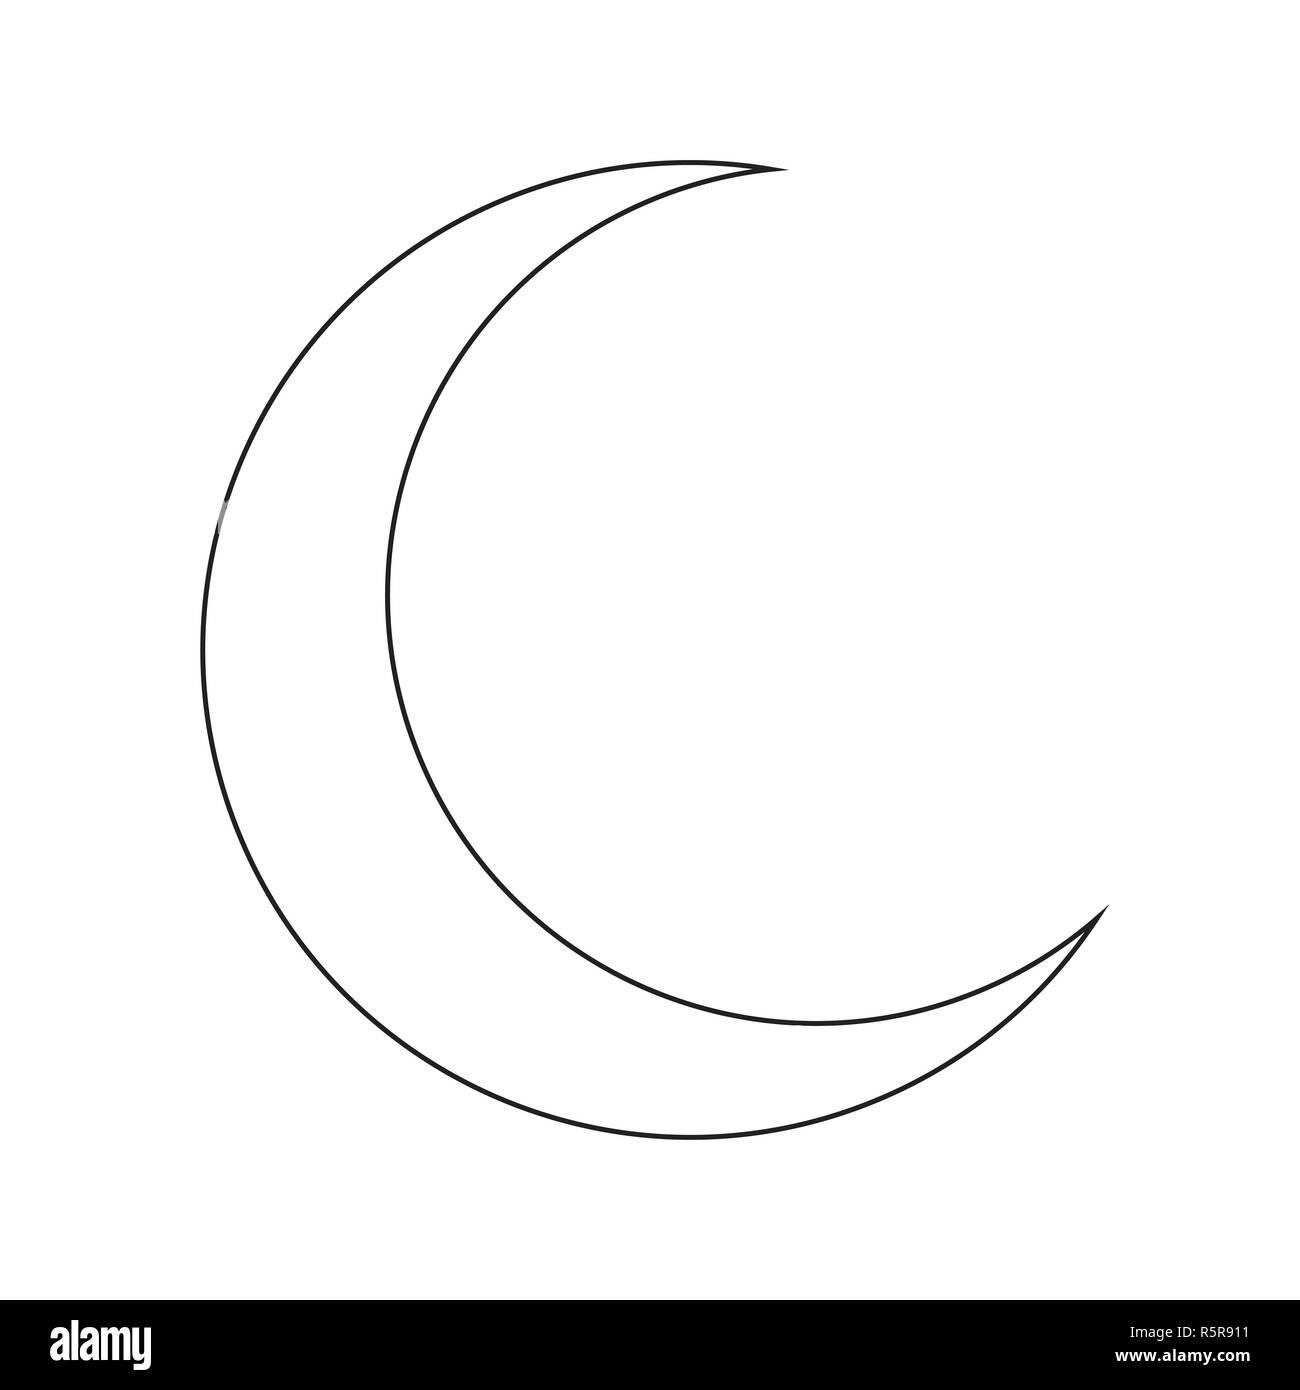 crescent moon silhouette vector symbol icon design Stock